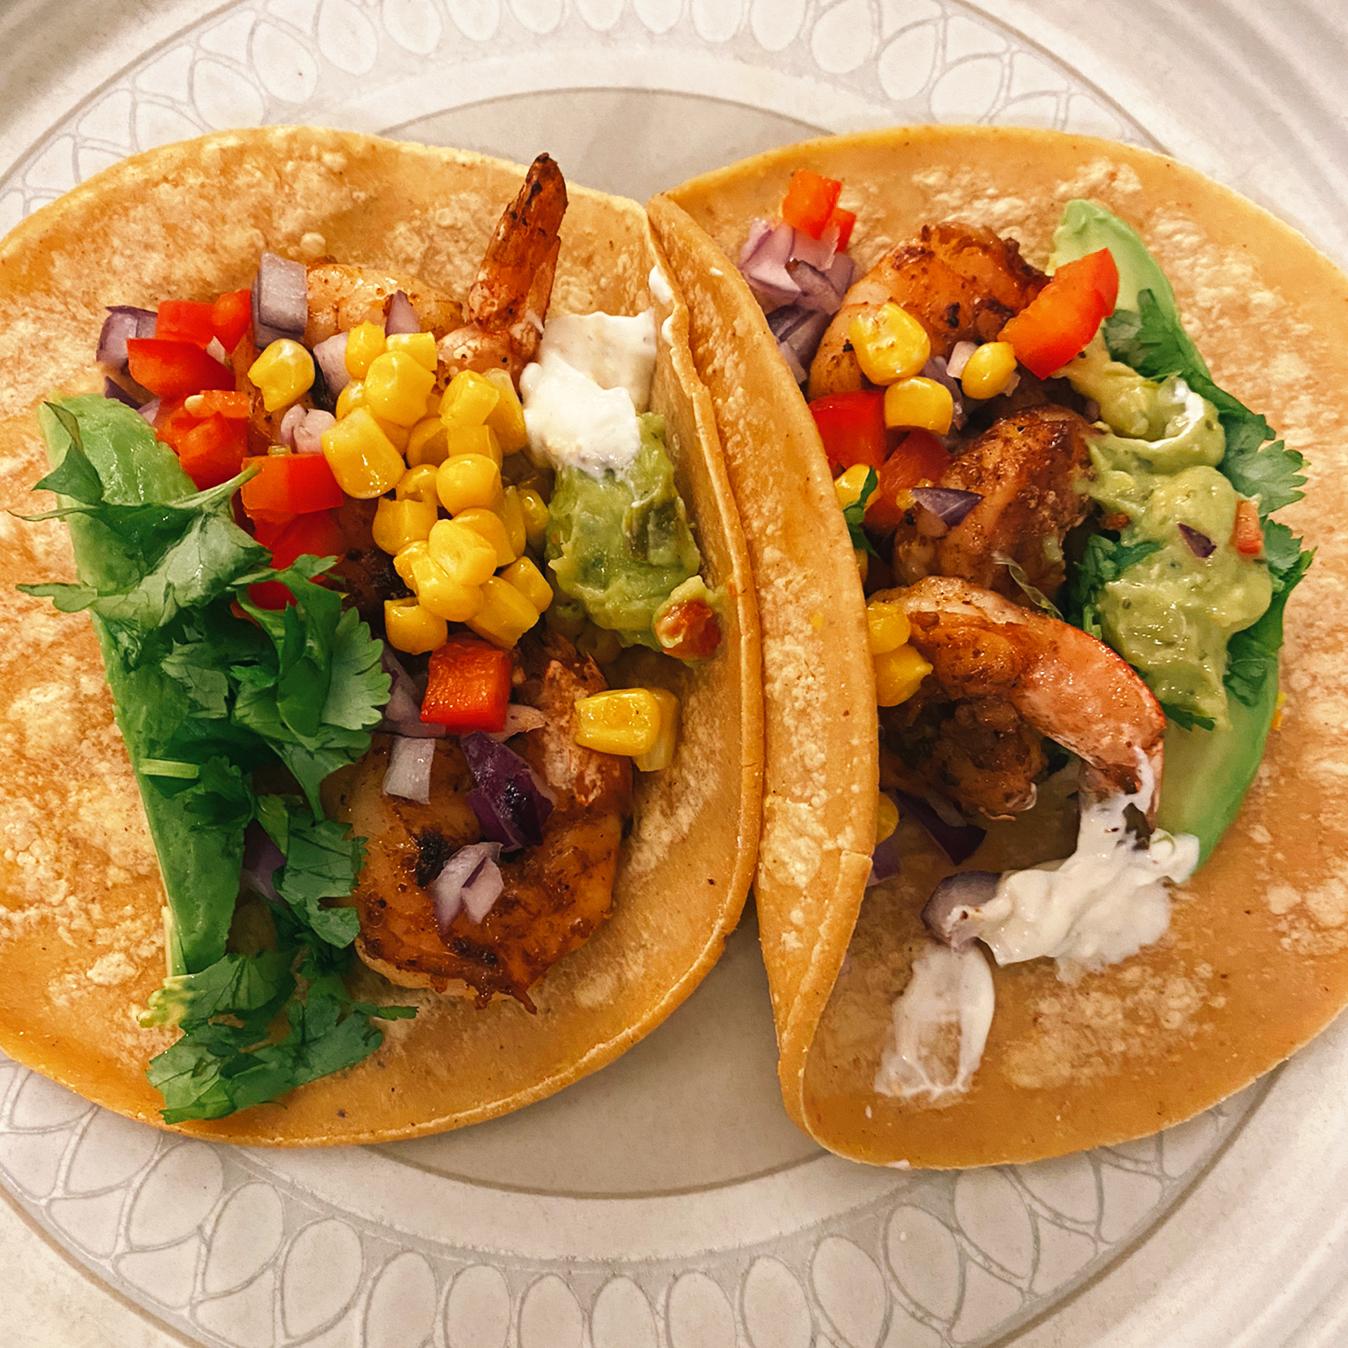 Shrimp Tacos with Cilantro-Lime Crema